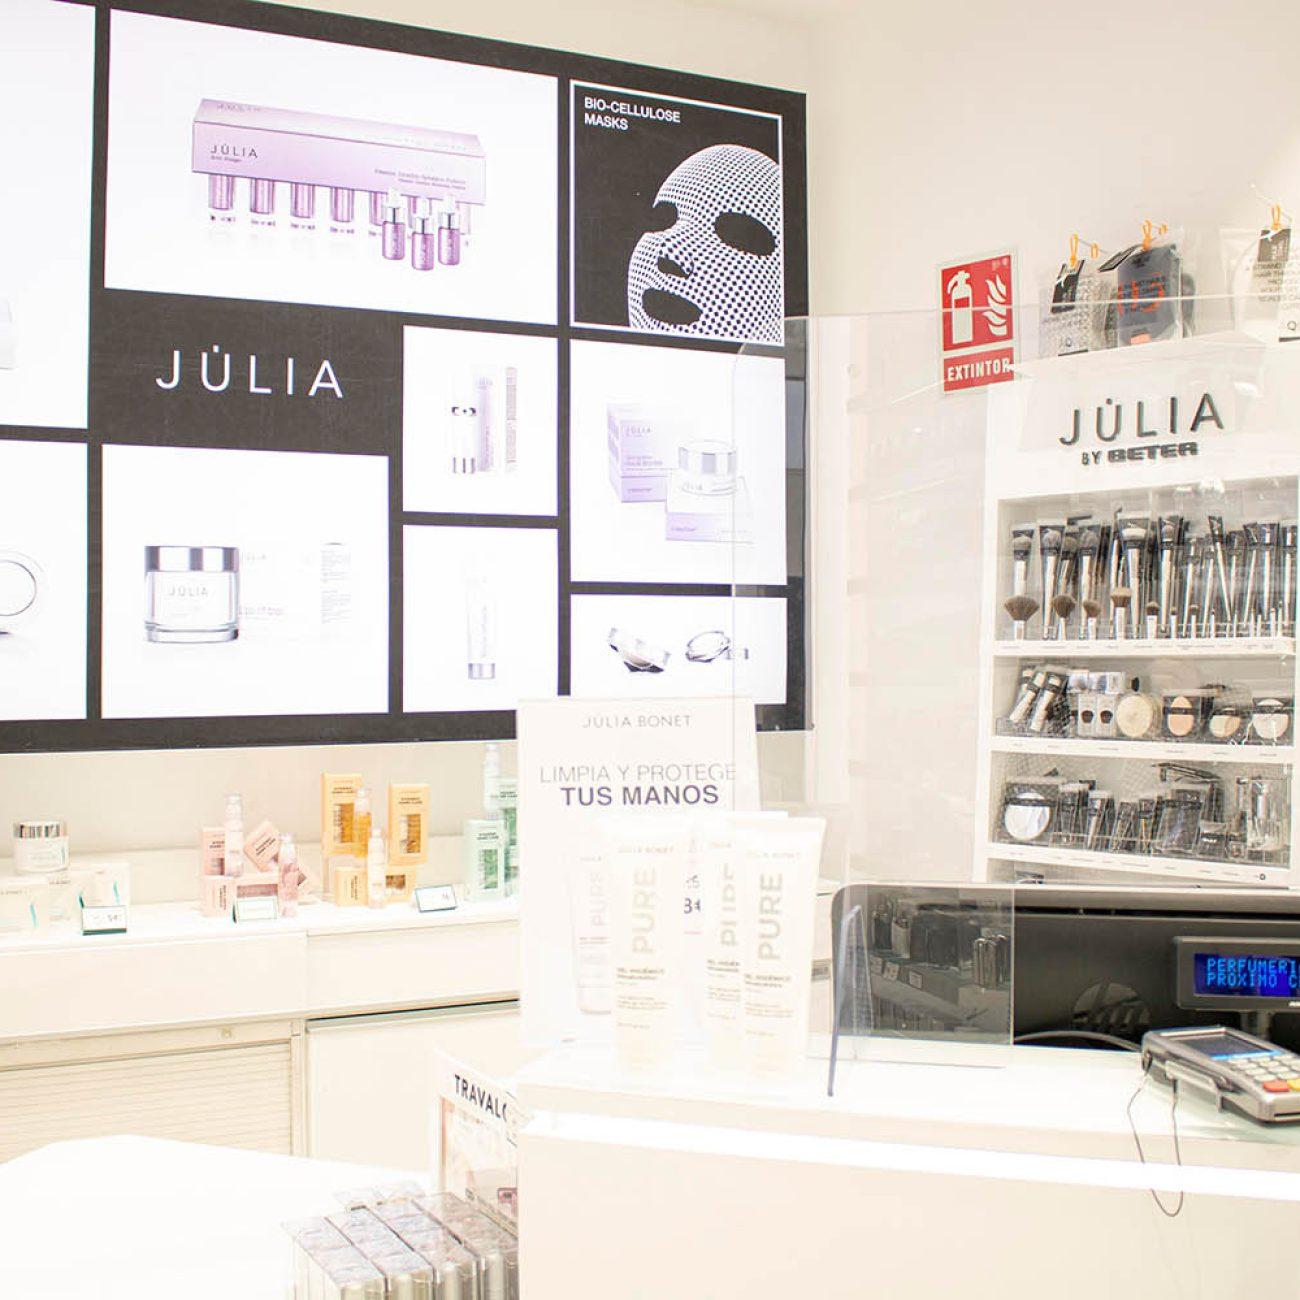 Julia Perfumería en Bilbao